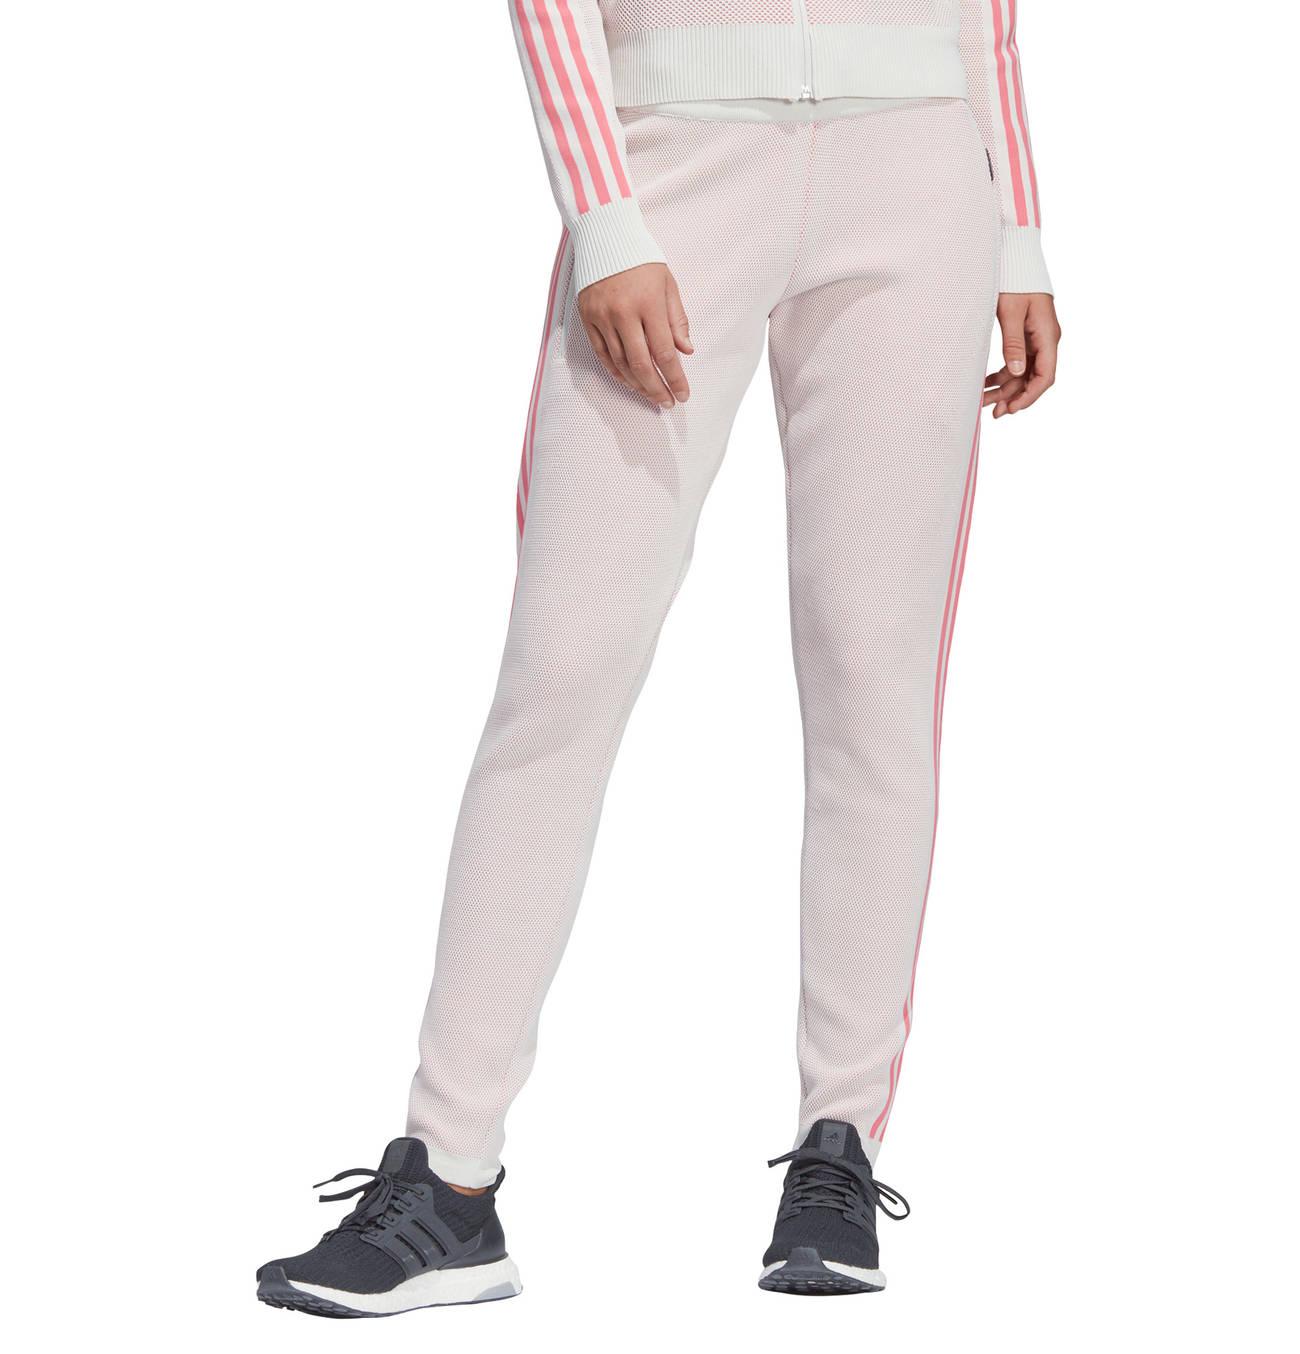 Fitnesshose Günstige Adidas Fitnesshosen online kaufen